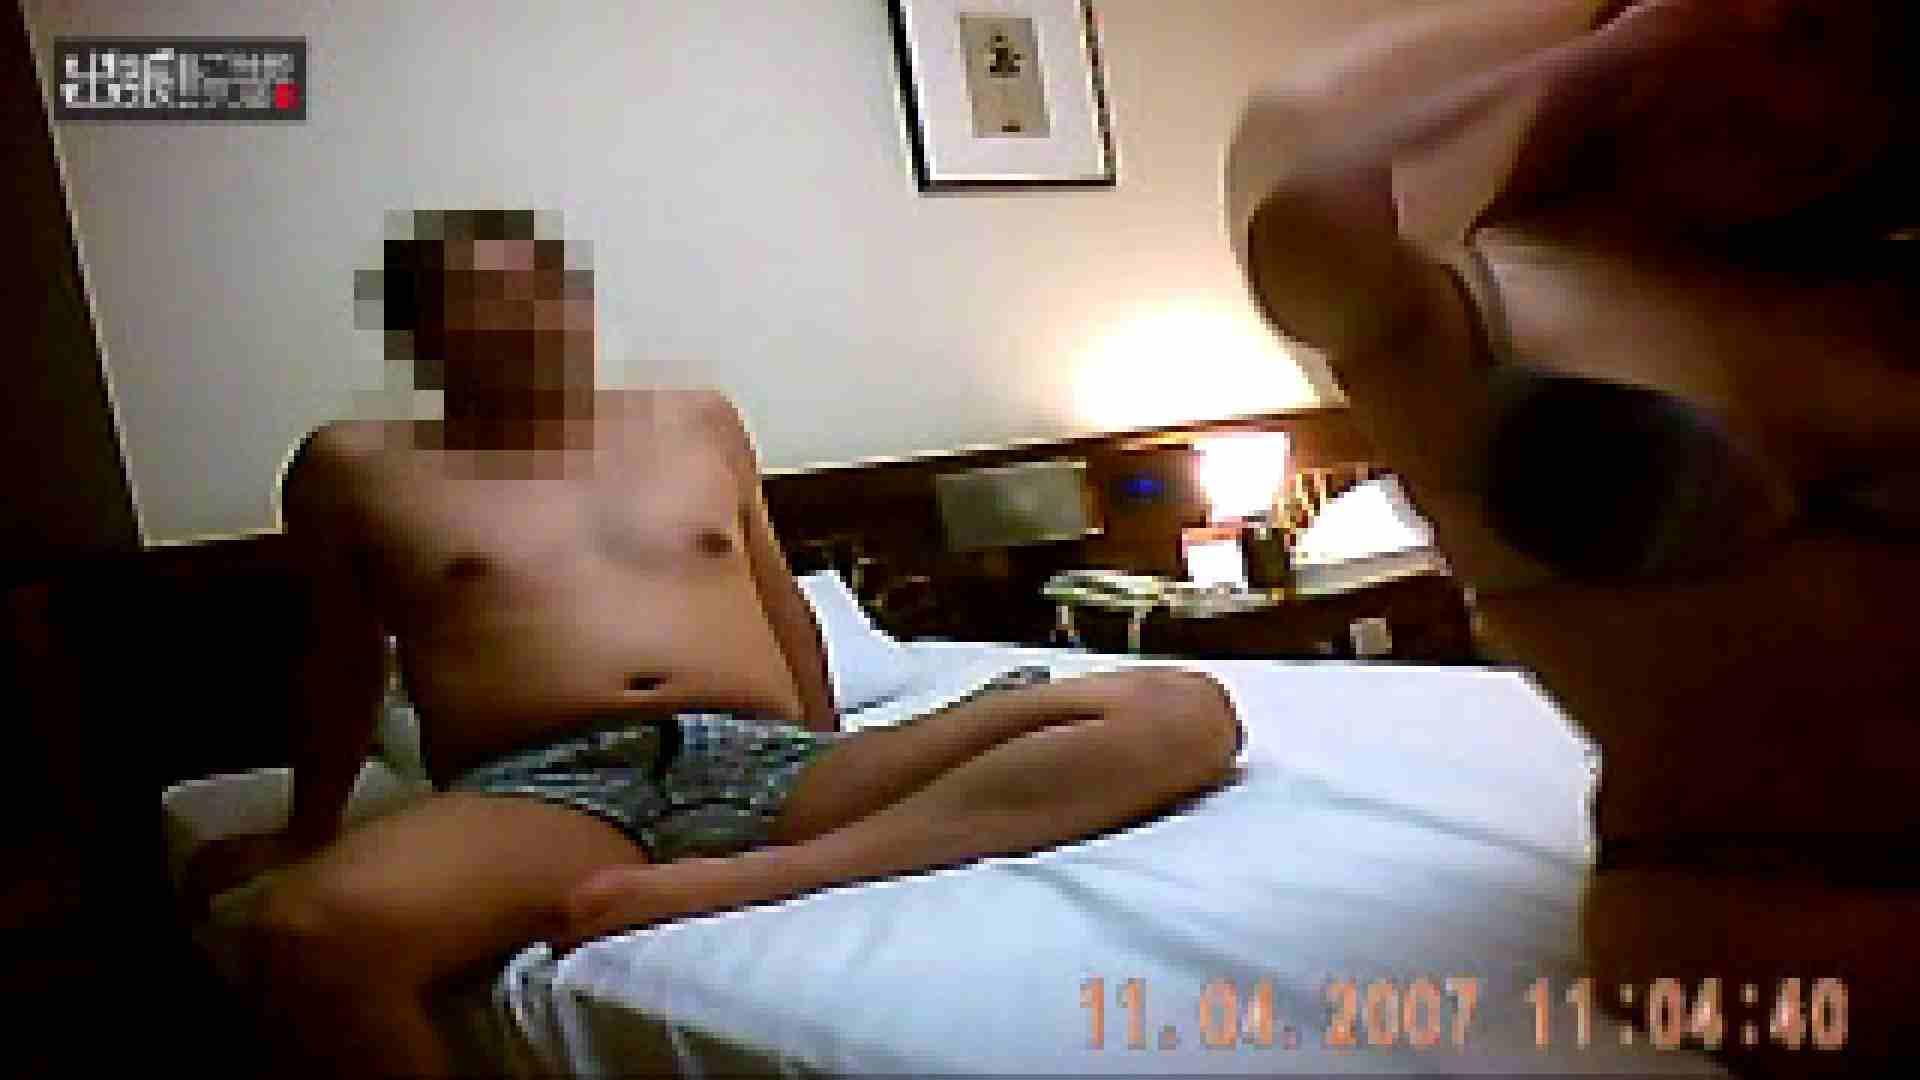 出張リーマンのデリ嬢隠し撮り第2弾vol.2 盗撮師作品   美しいOLの裸体  79pic 43